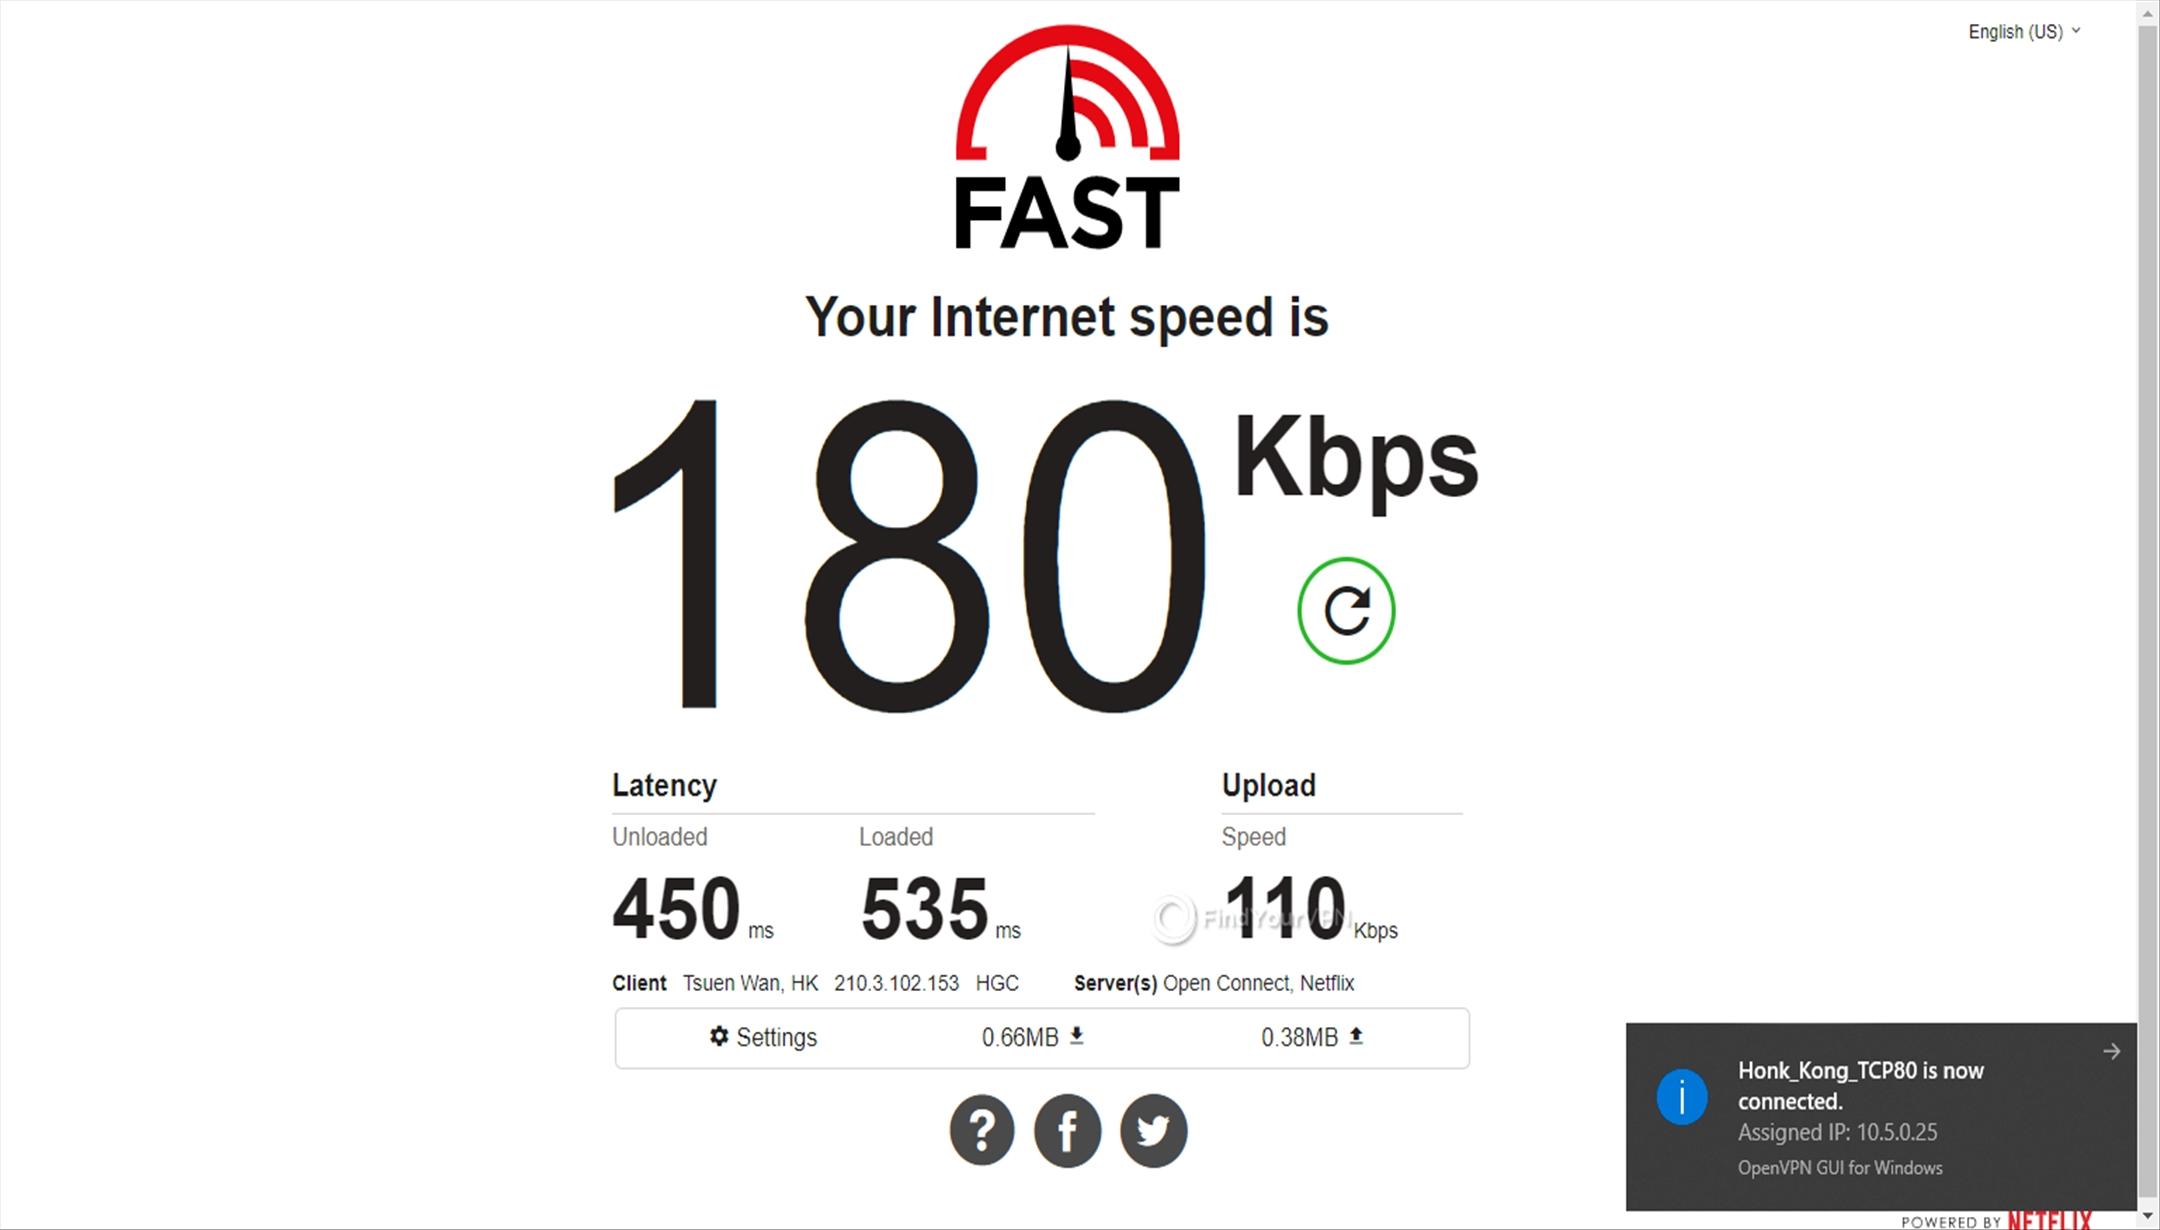 Getflix Hong Kong 180 Kbps speed